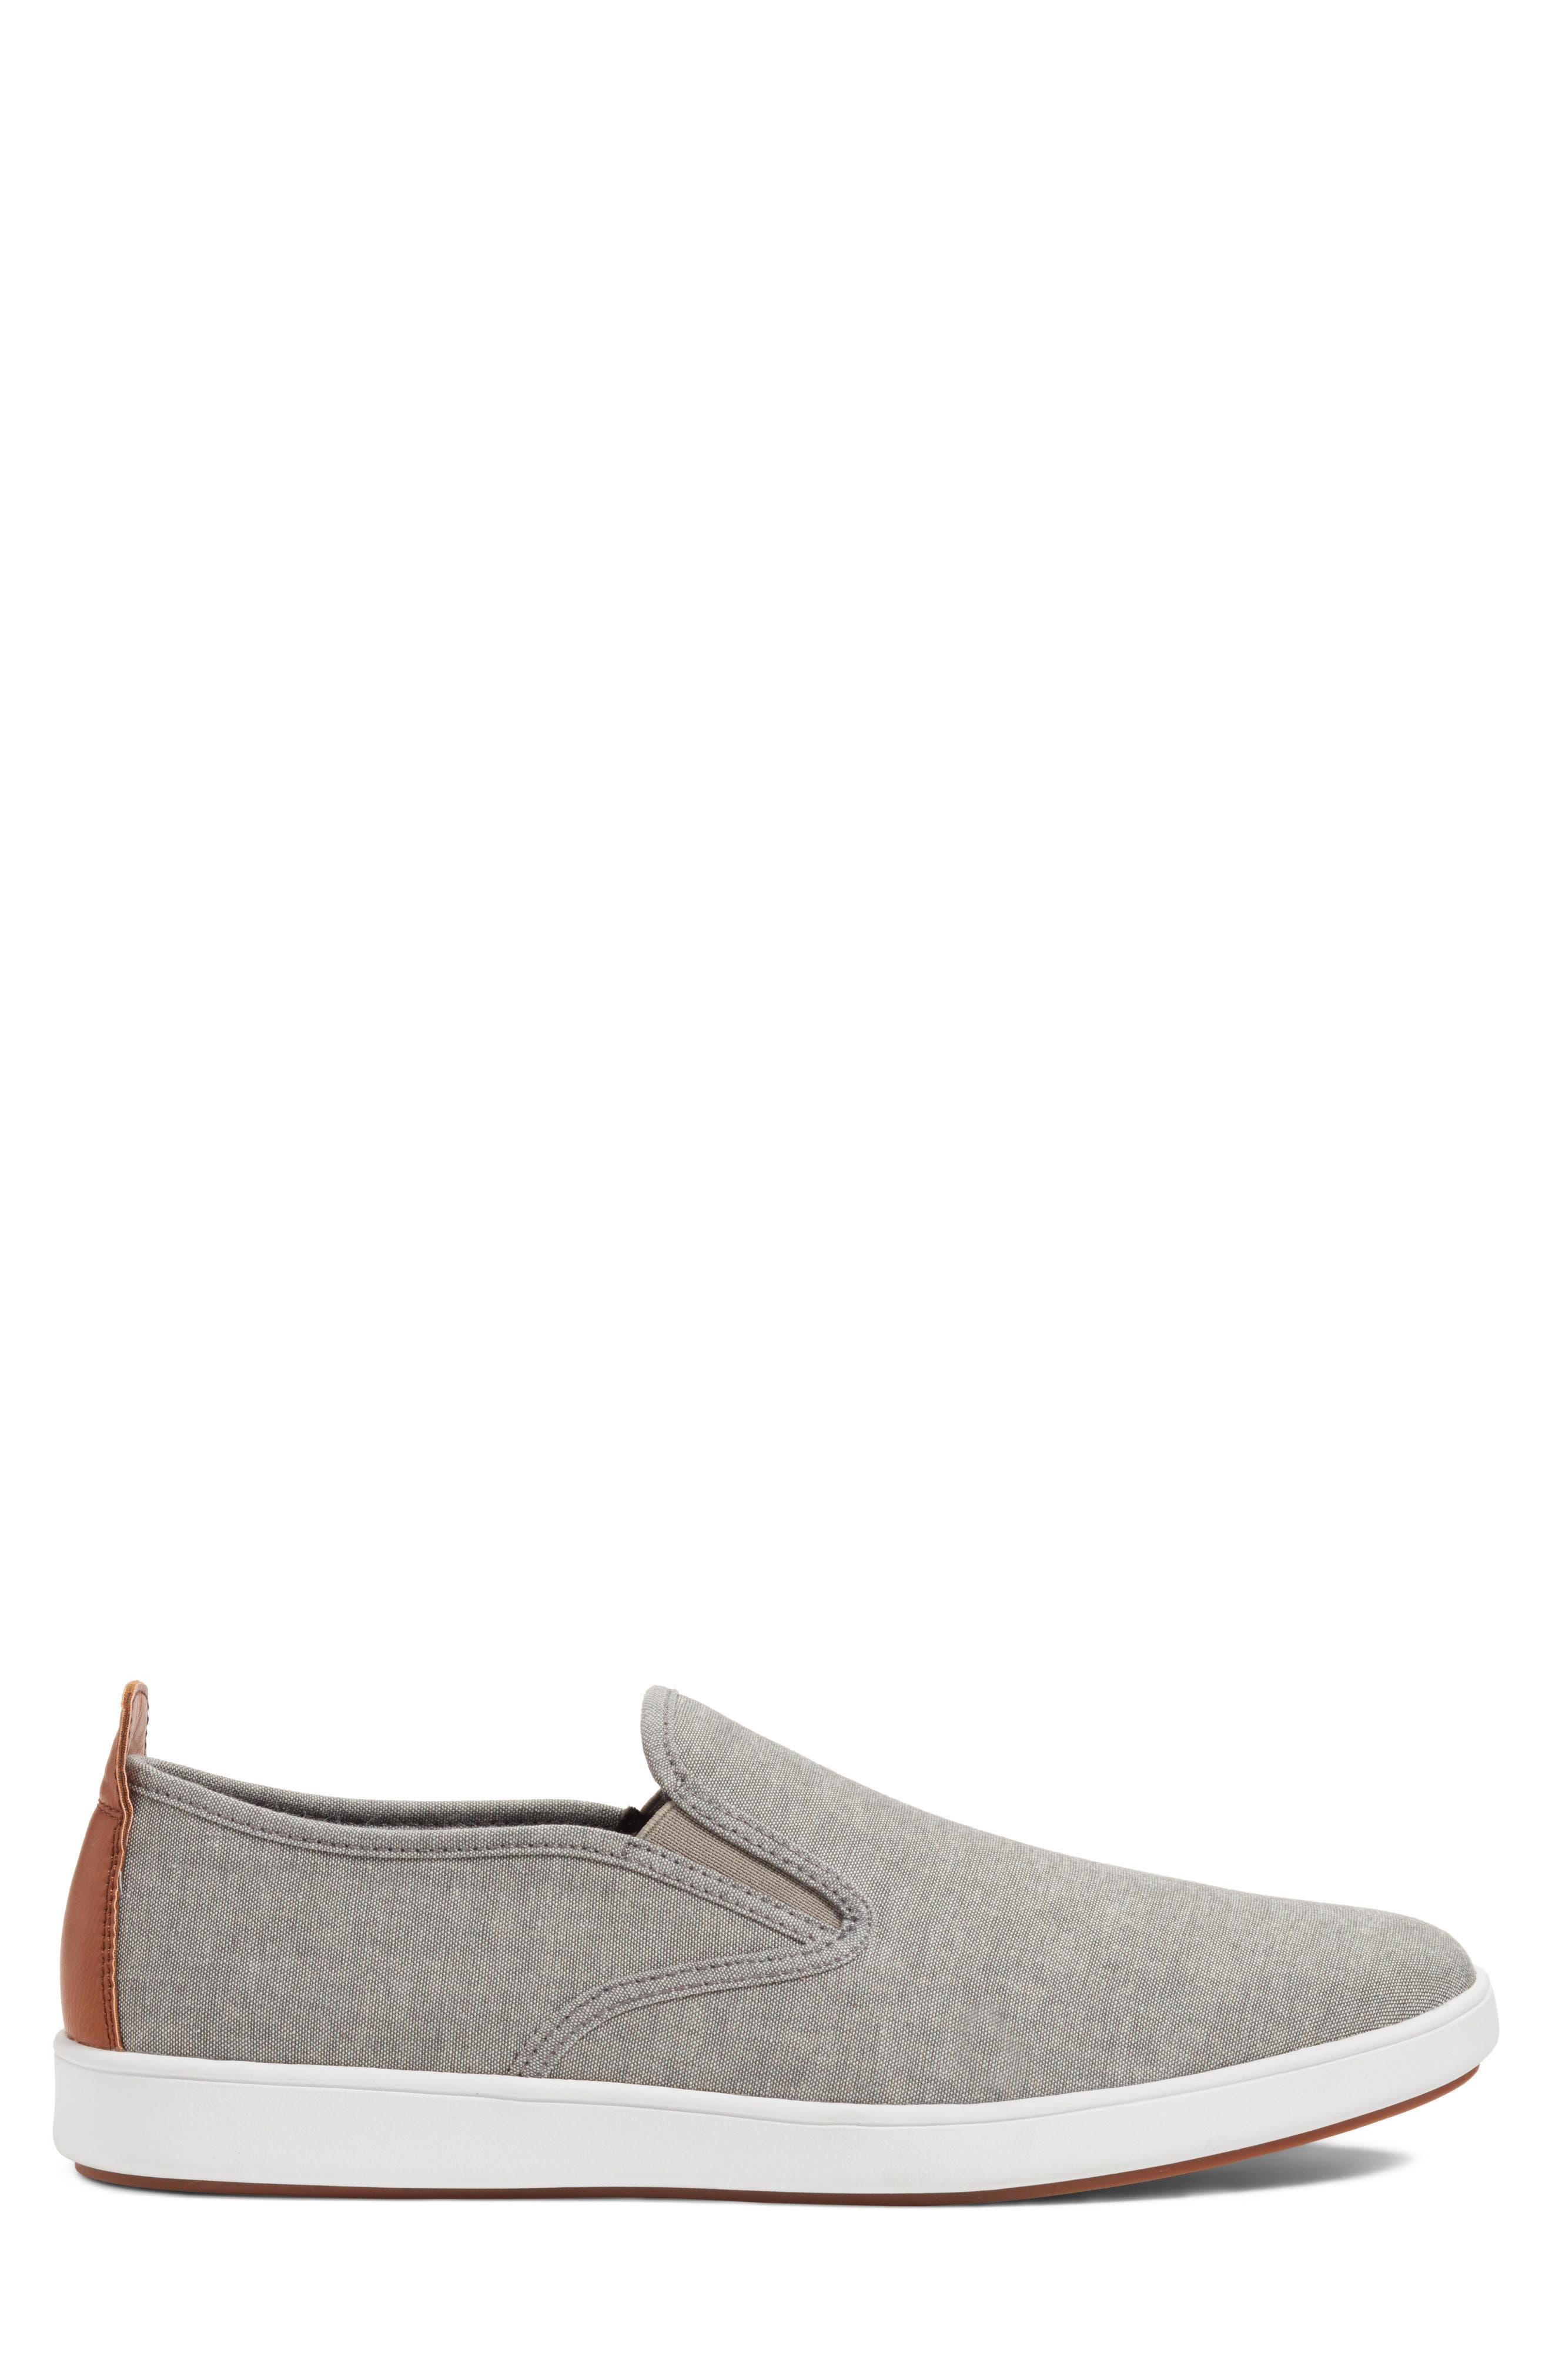 Felix Slip-On Sneaker,                             Alternate thumbnail 3, color,                             Grey